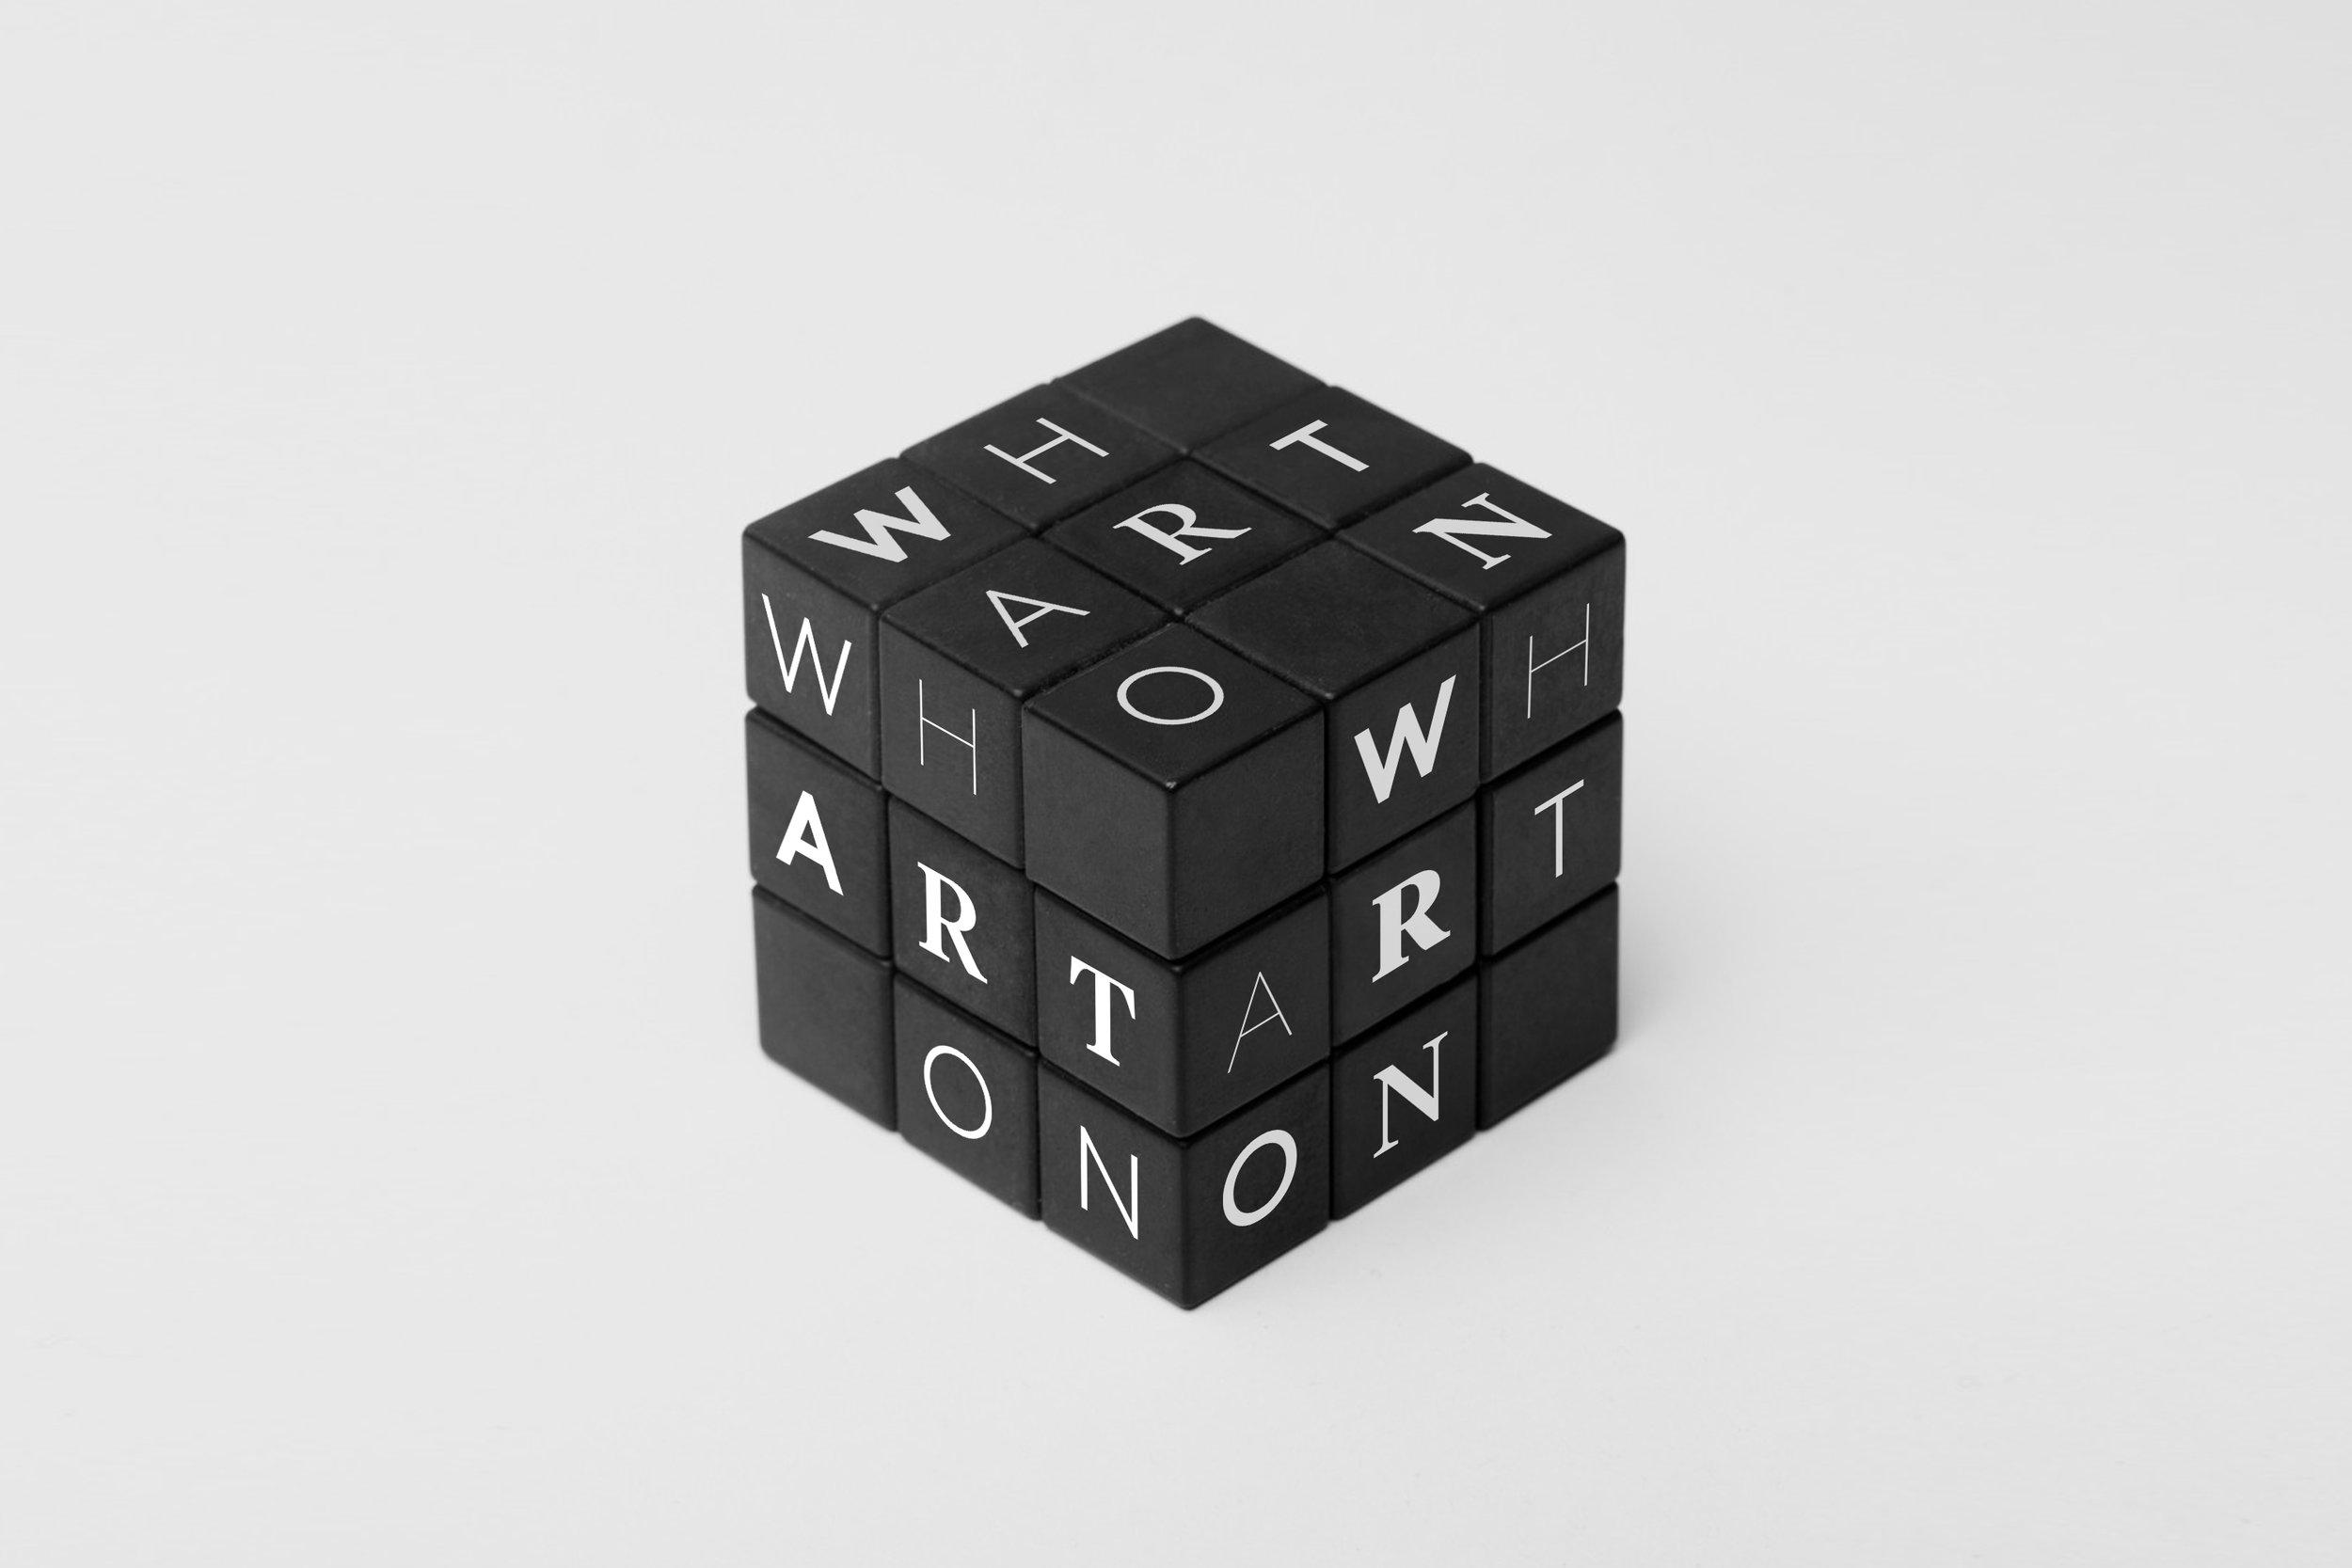 6. Wharton_cube.jpg